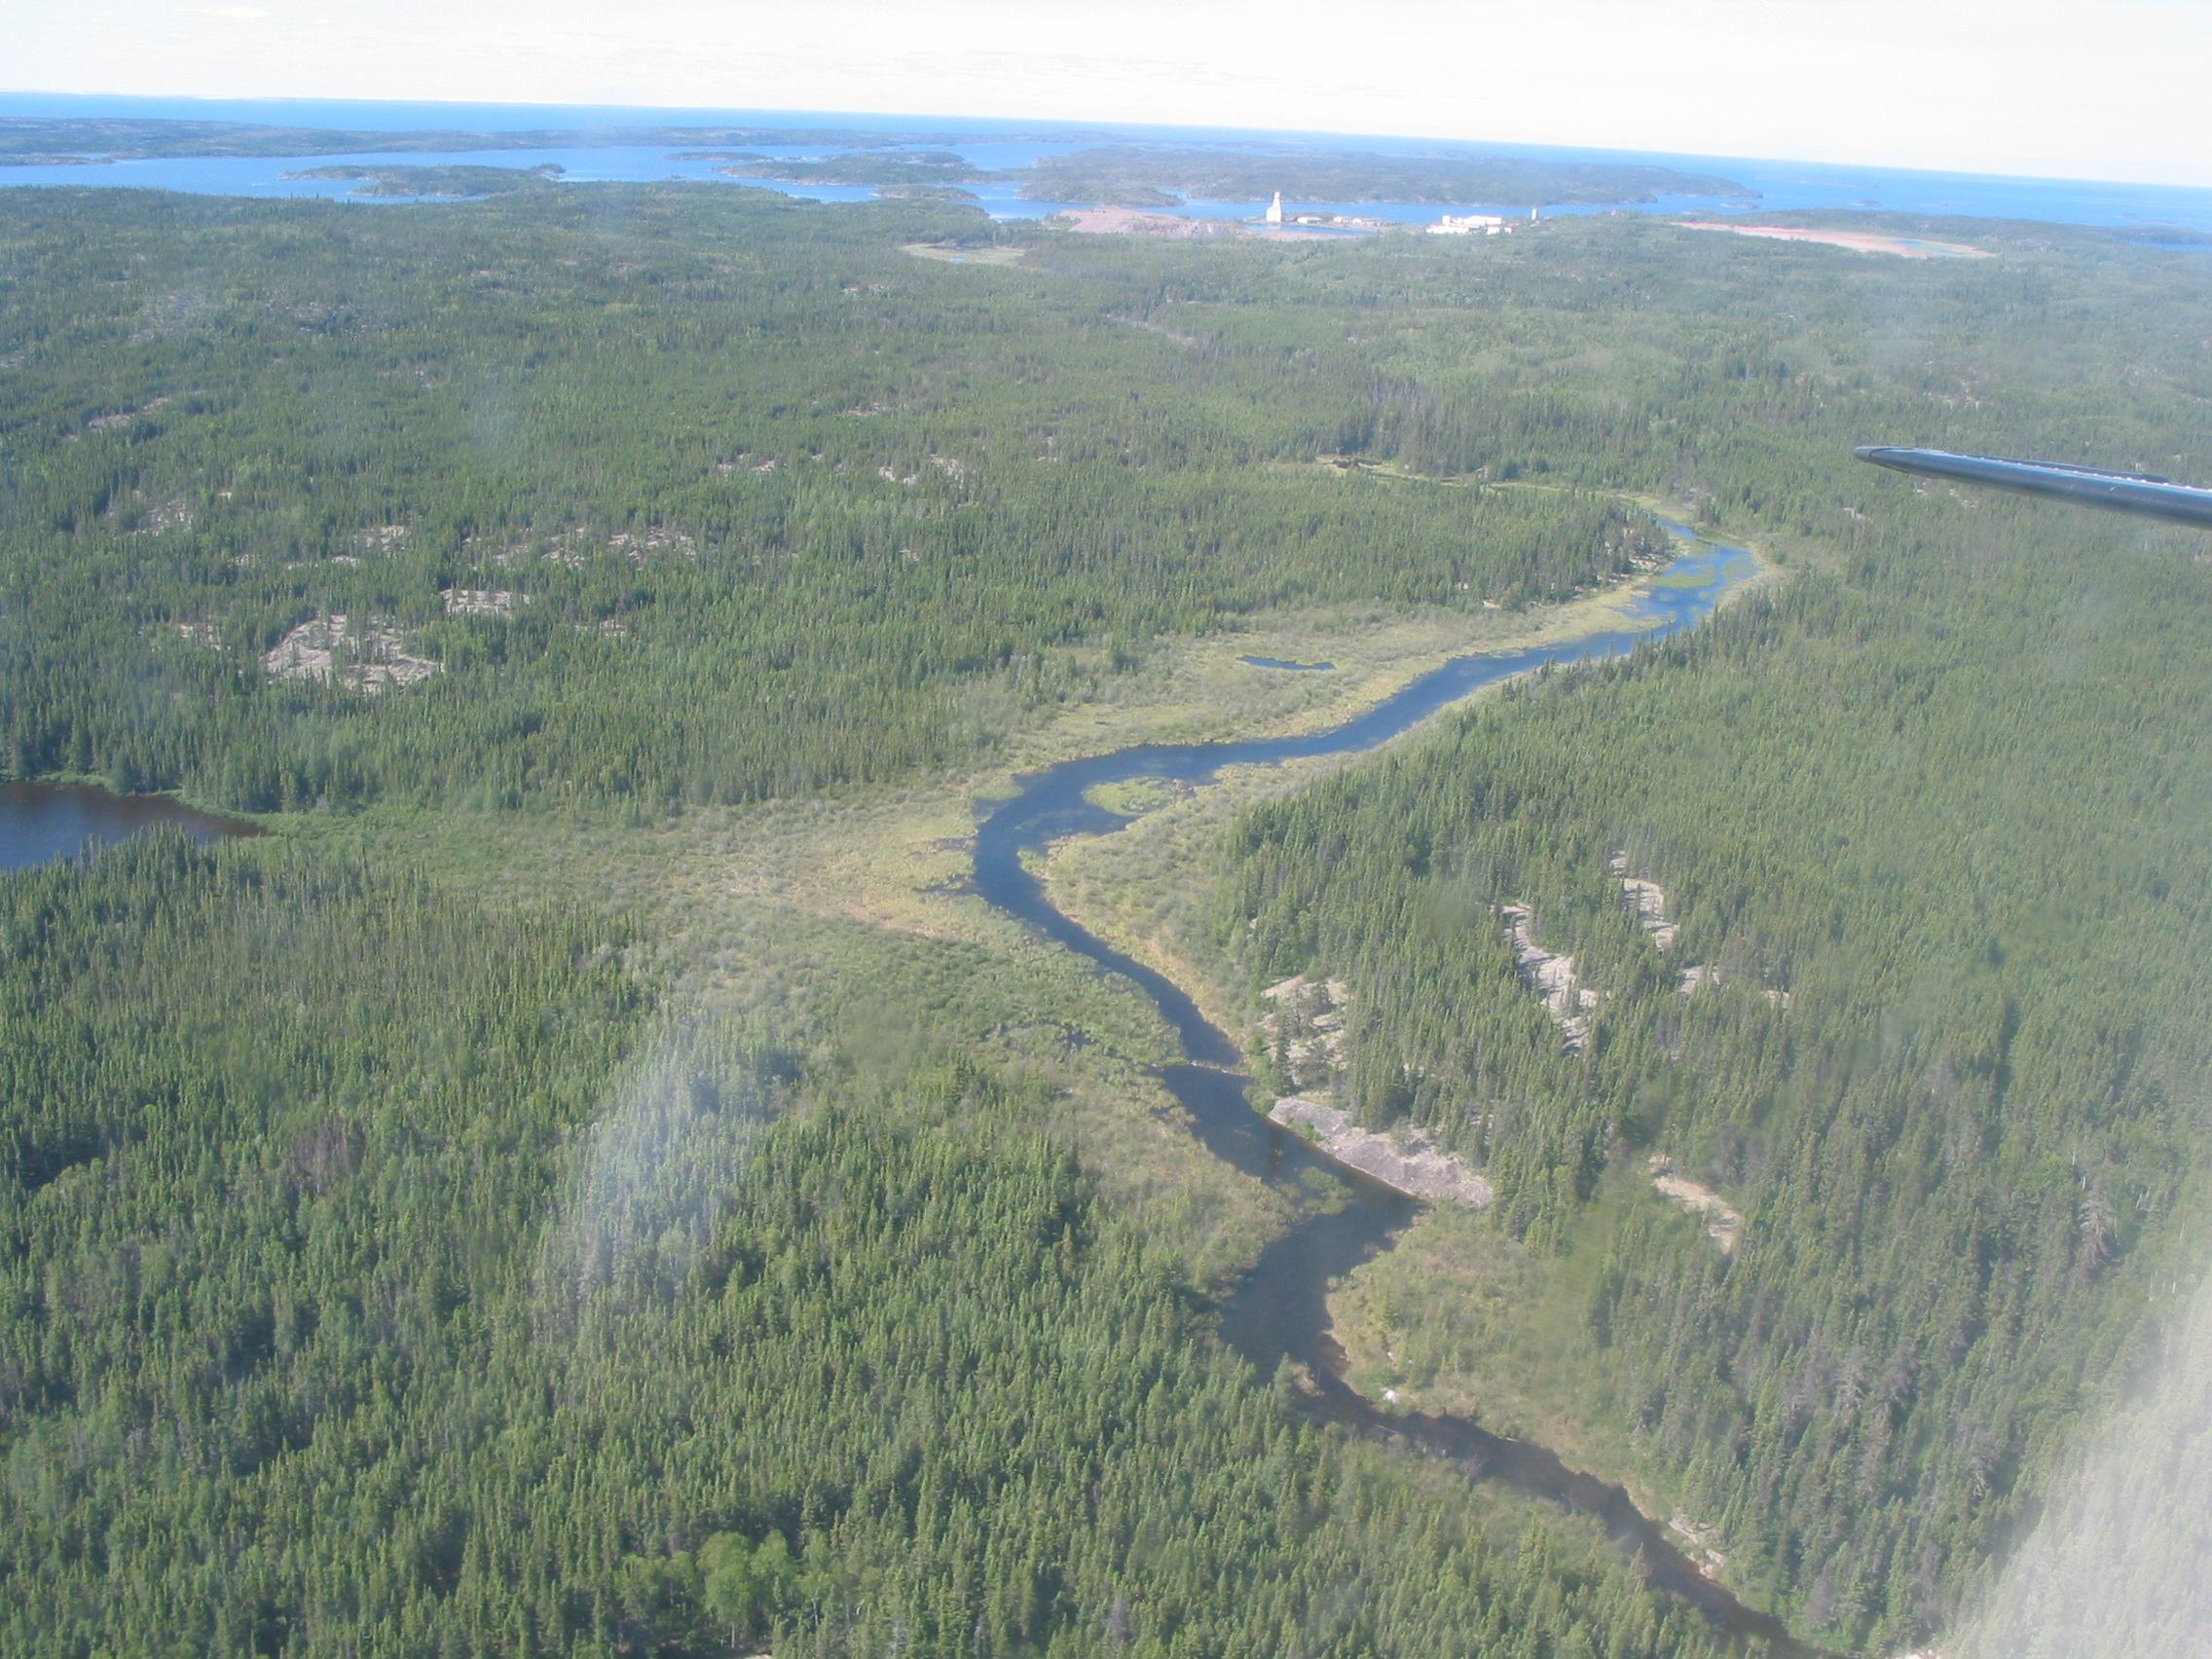 Vue aérienne du site Gunnar.